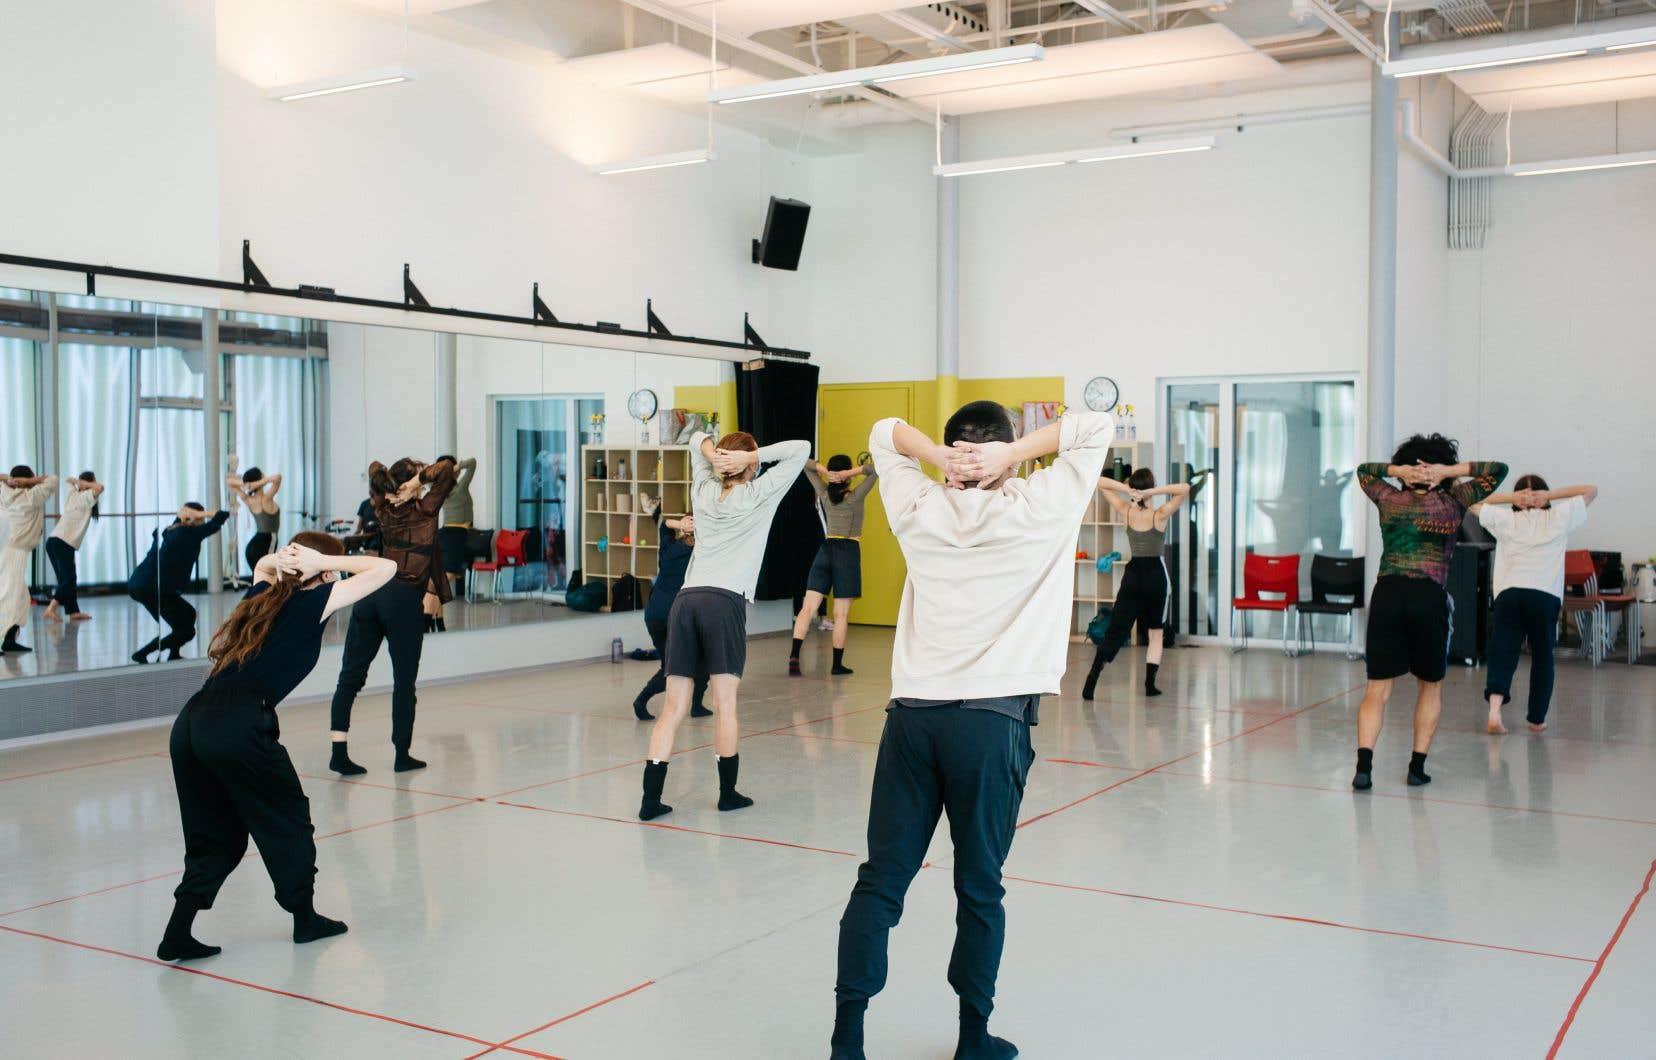 Une des nombreuses forces de l'EDCM est de rester connectée à son milieu, notamment en invitant de nombreux artistes à venir donner les classes ou enseigner des pièces afin d'être «représentatif du milieu professionnel».